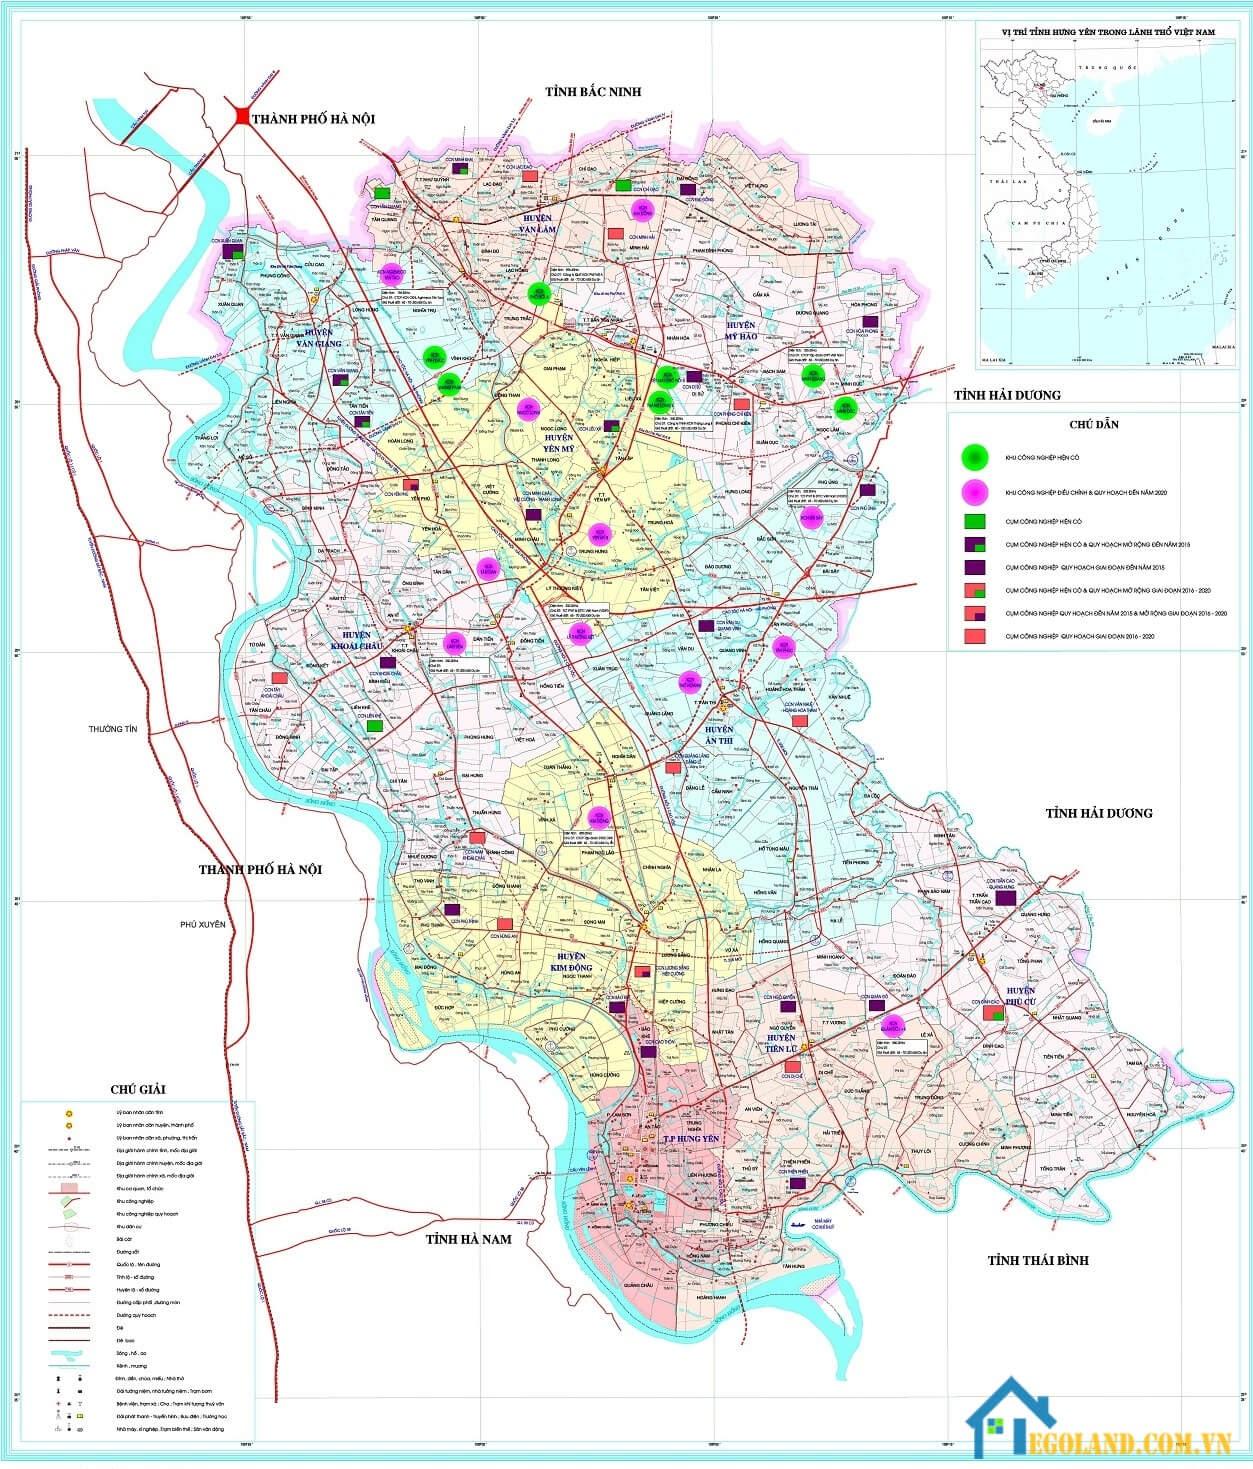 Bản đồ Hưng Yên về du lịch